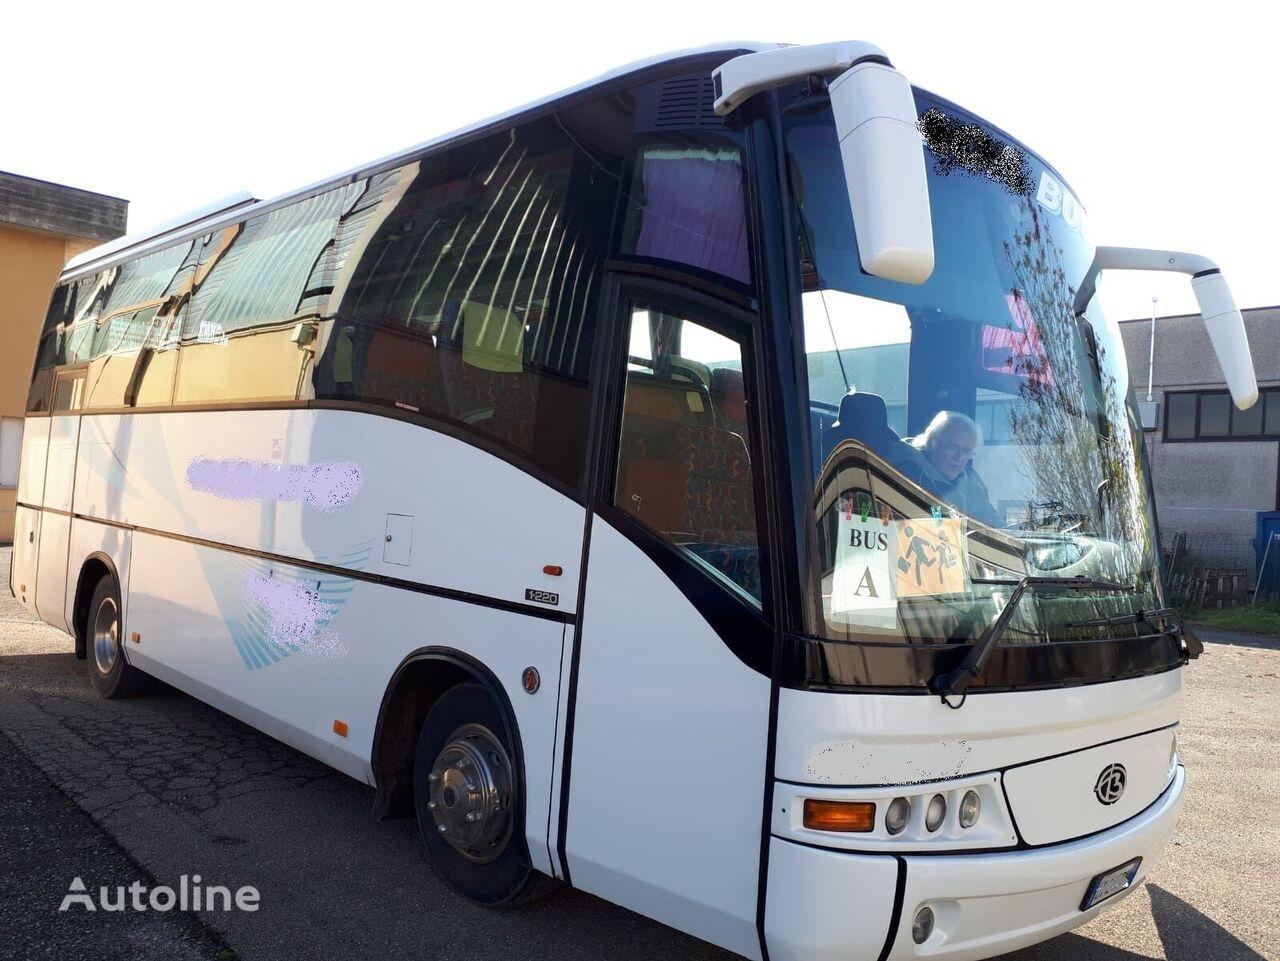 MAN BEULAS 11 220 MIDISTAR school bus